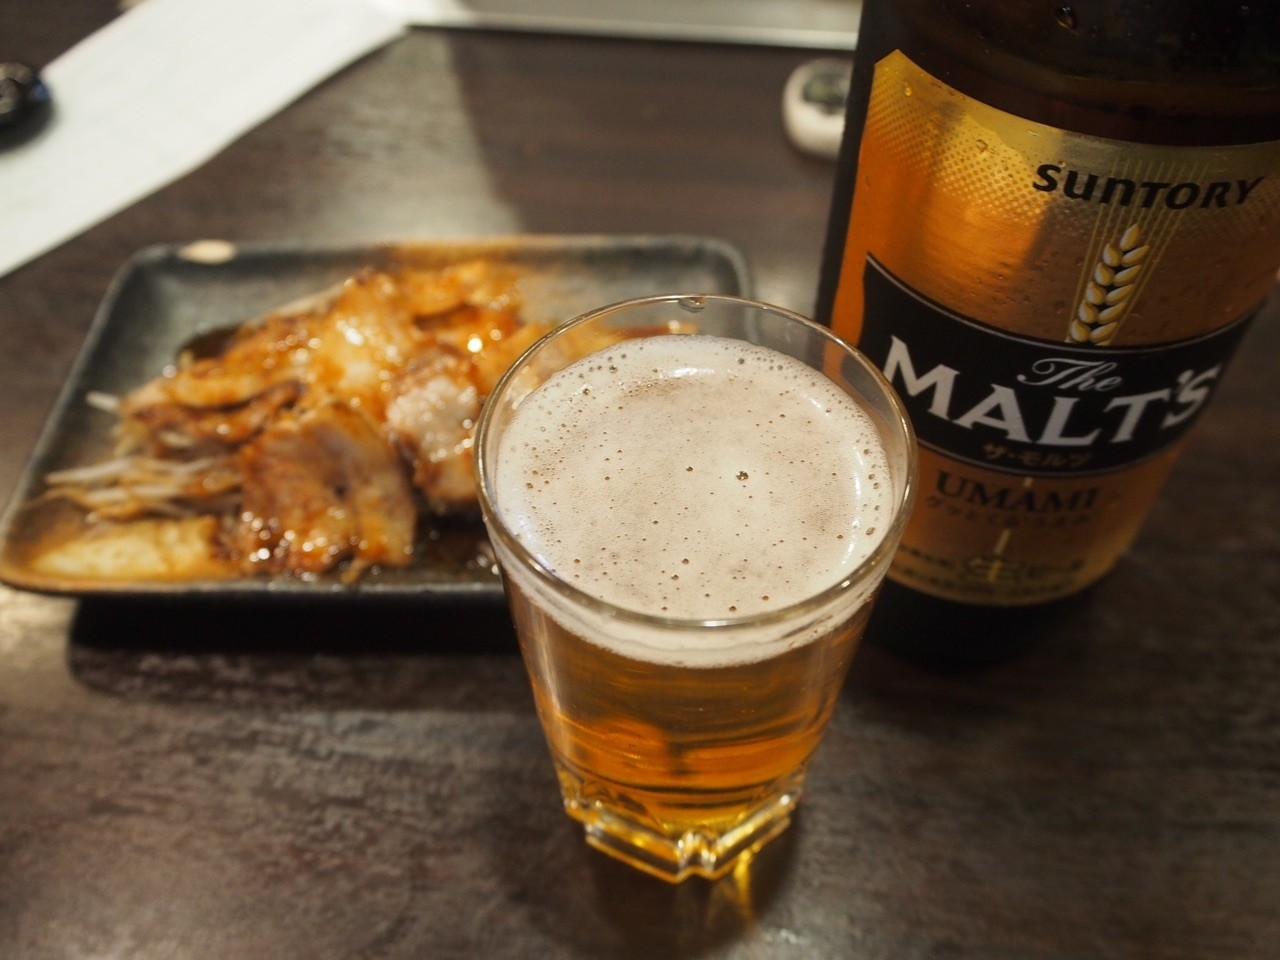 suntory啤酒